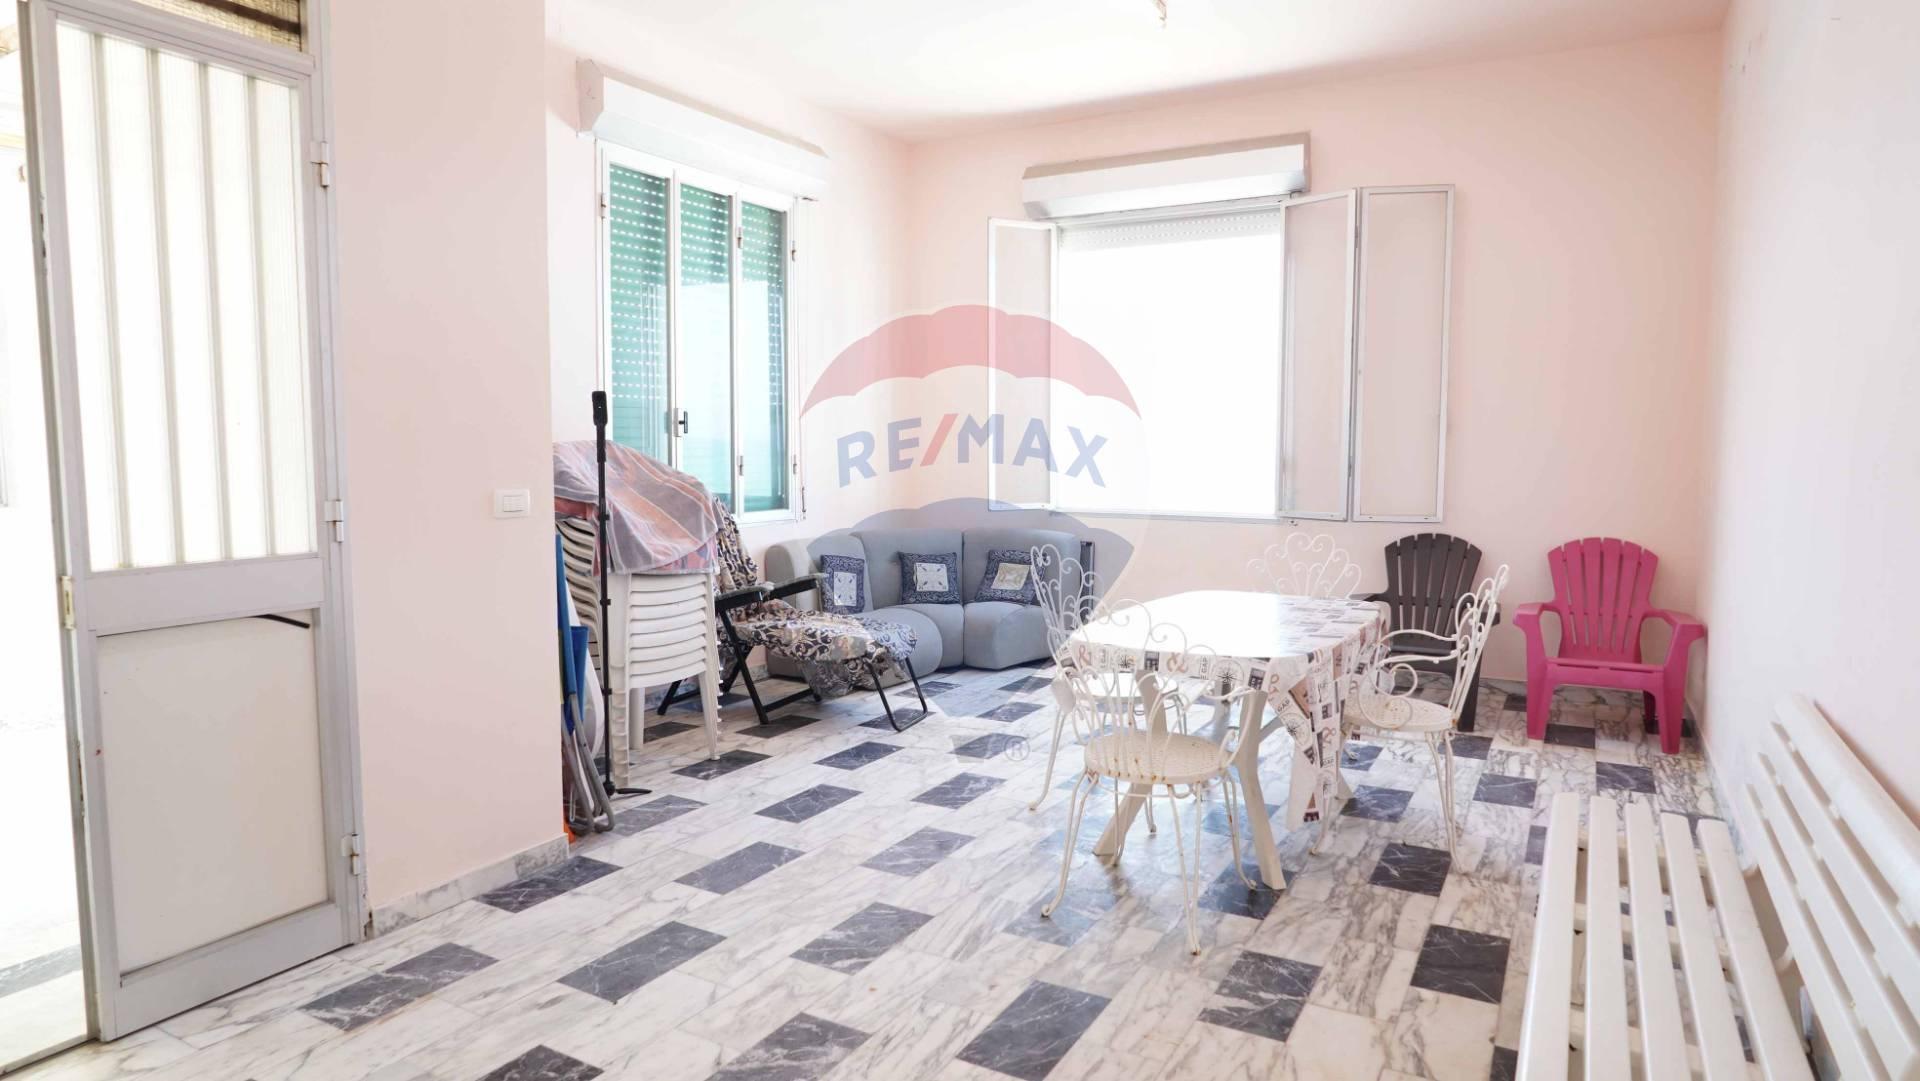 Appartamento in vendita a Vittoria, 4 locali, zona Località: Scoglitti, prezzo € 119.000 | CambioCasa.it